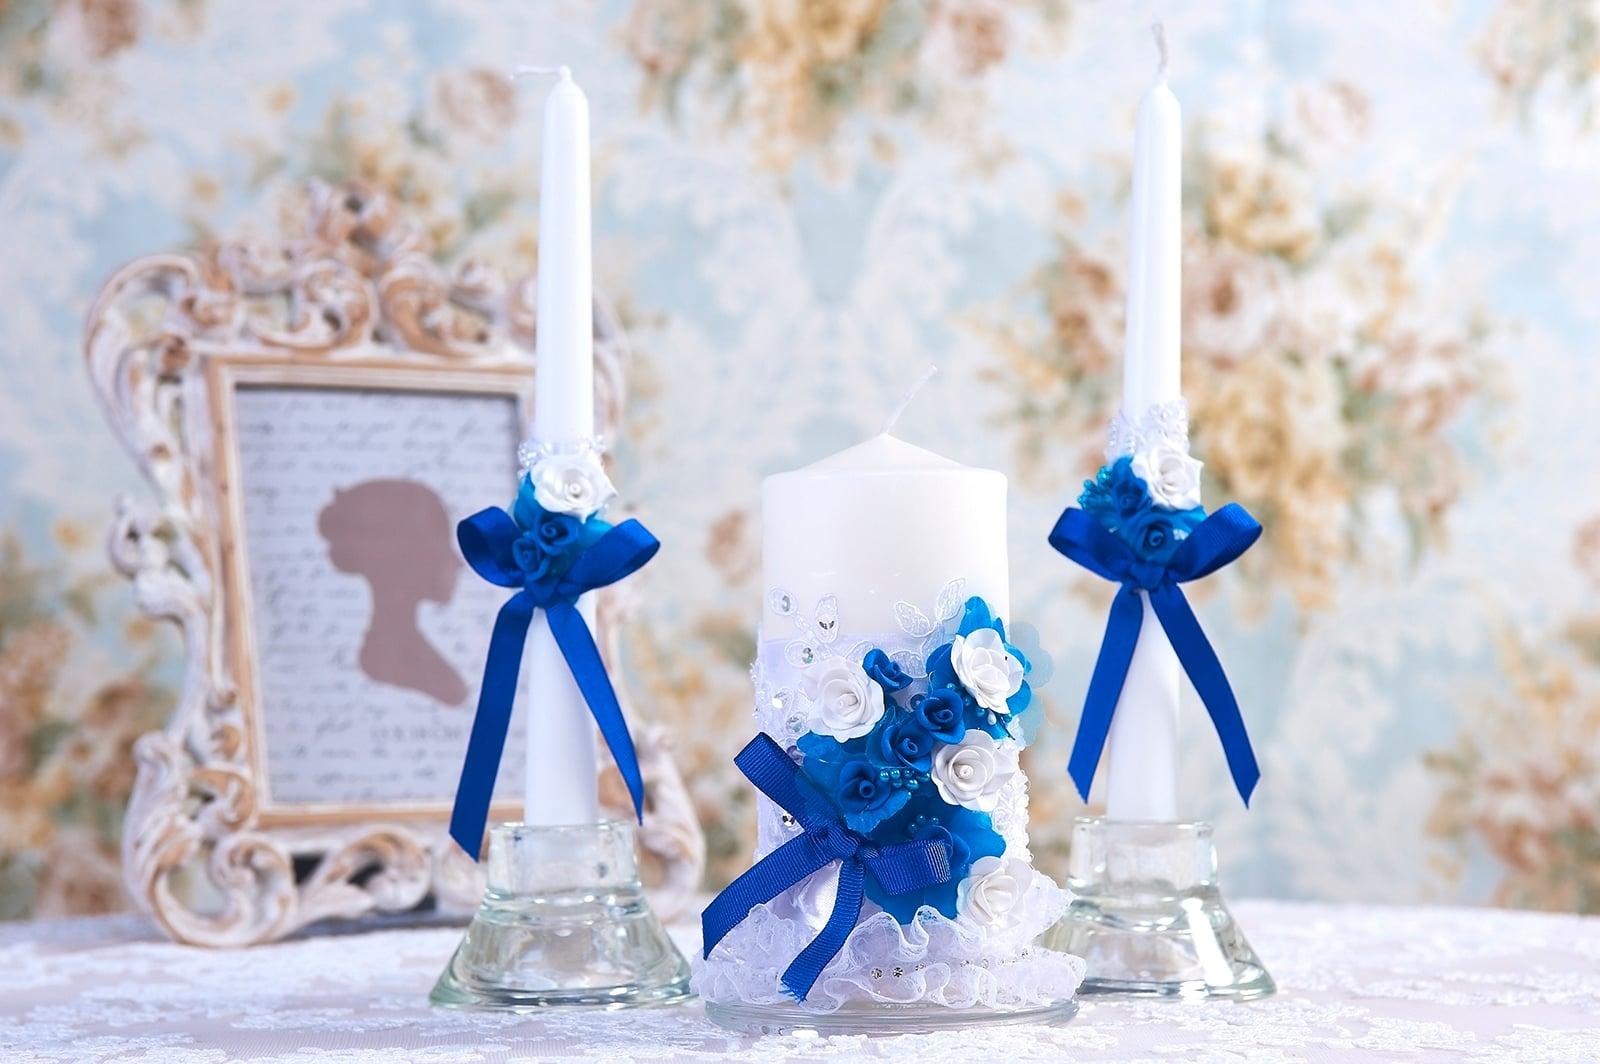 Свадебные свечи с бело-голубым декором из атласа.